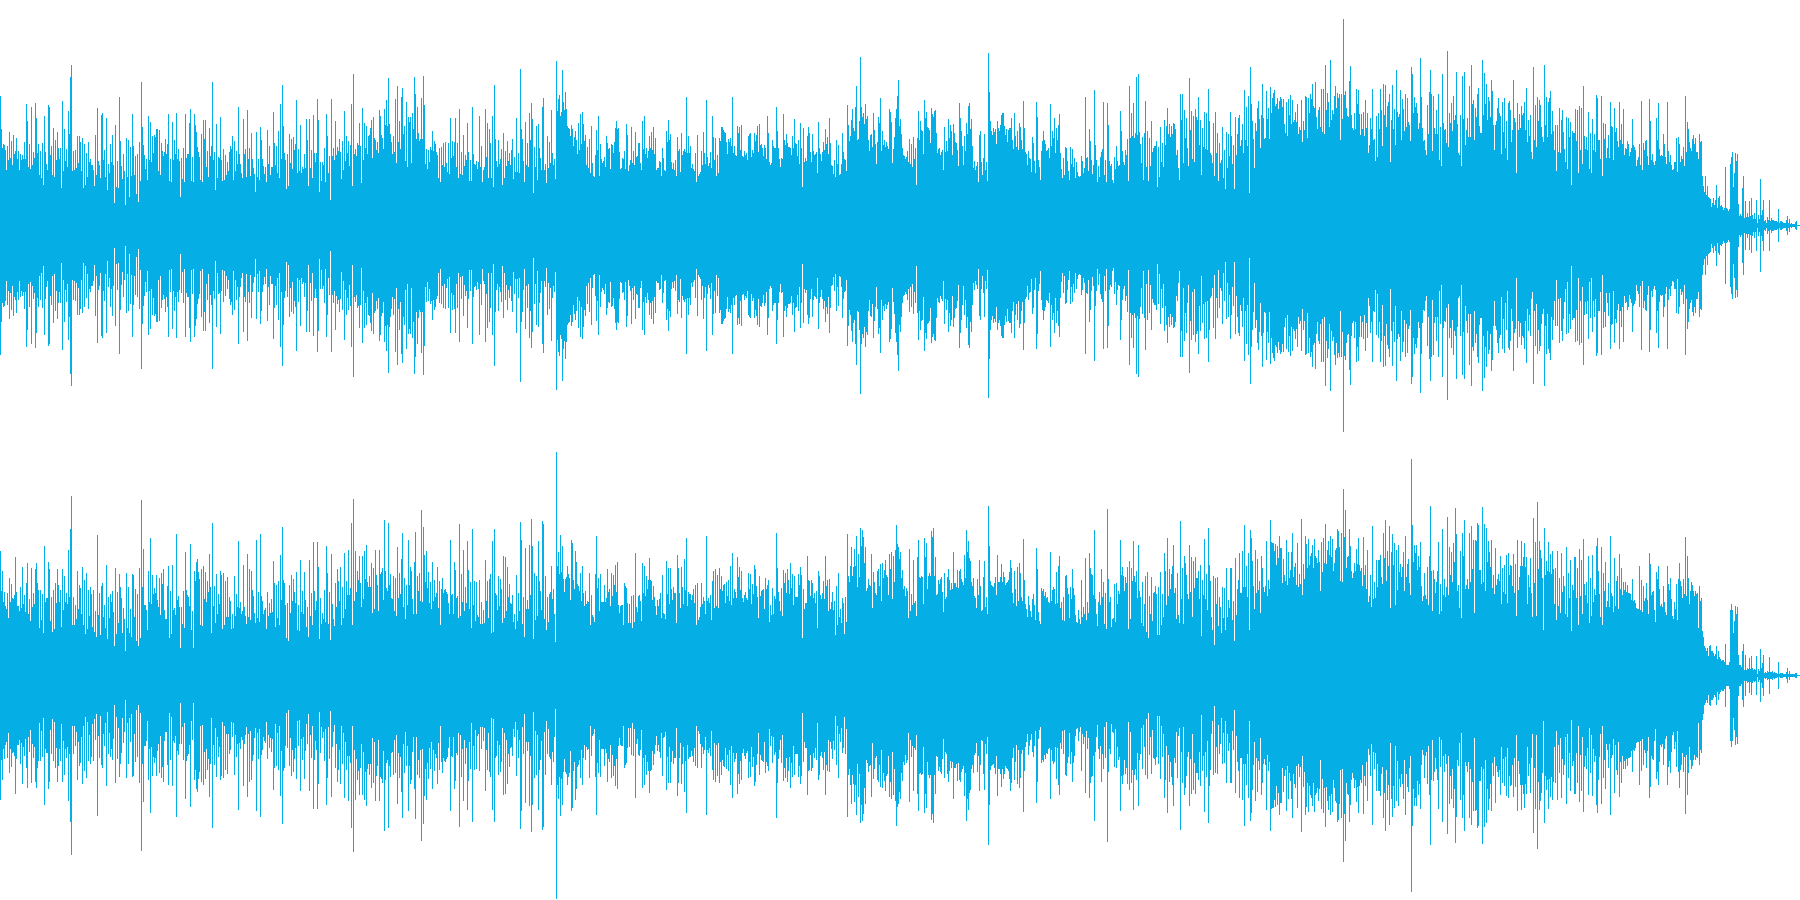 ハード、ノイジーなSFチックハードロックの再生済みの波形